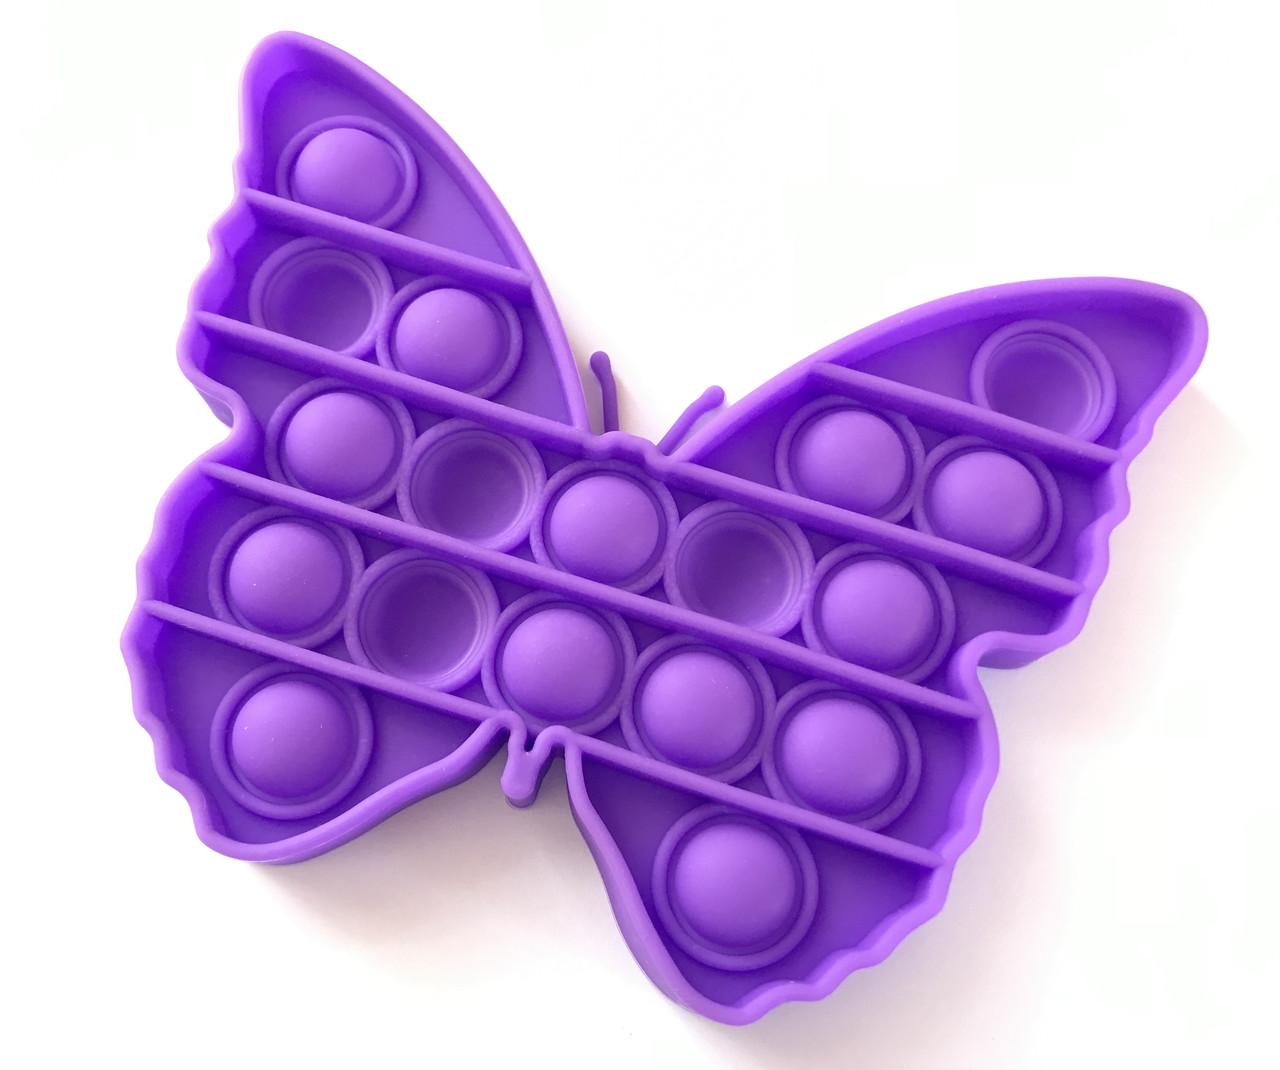 Pop It сенсорная игрушка, пупырка, поп ит антистресс, pop it fidget, попит, фиолетовая бабочка